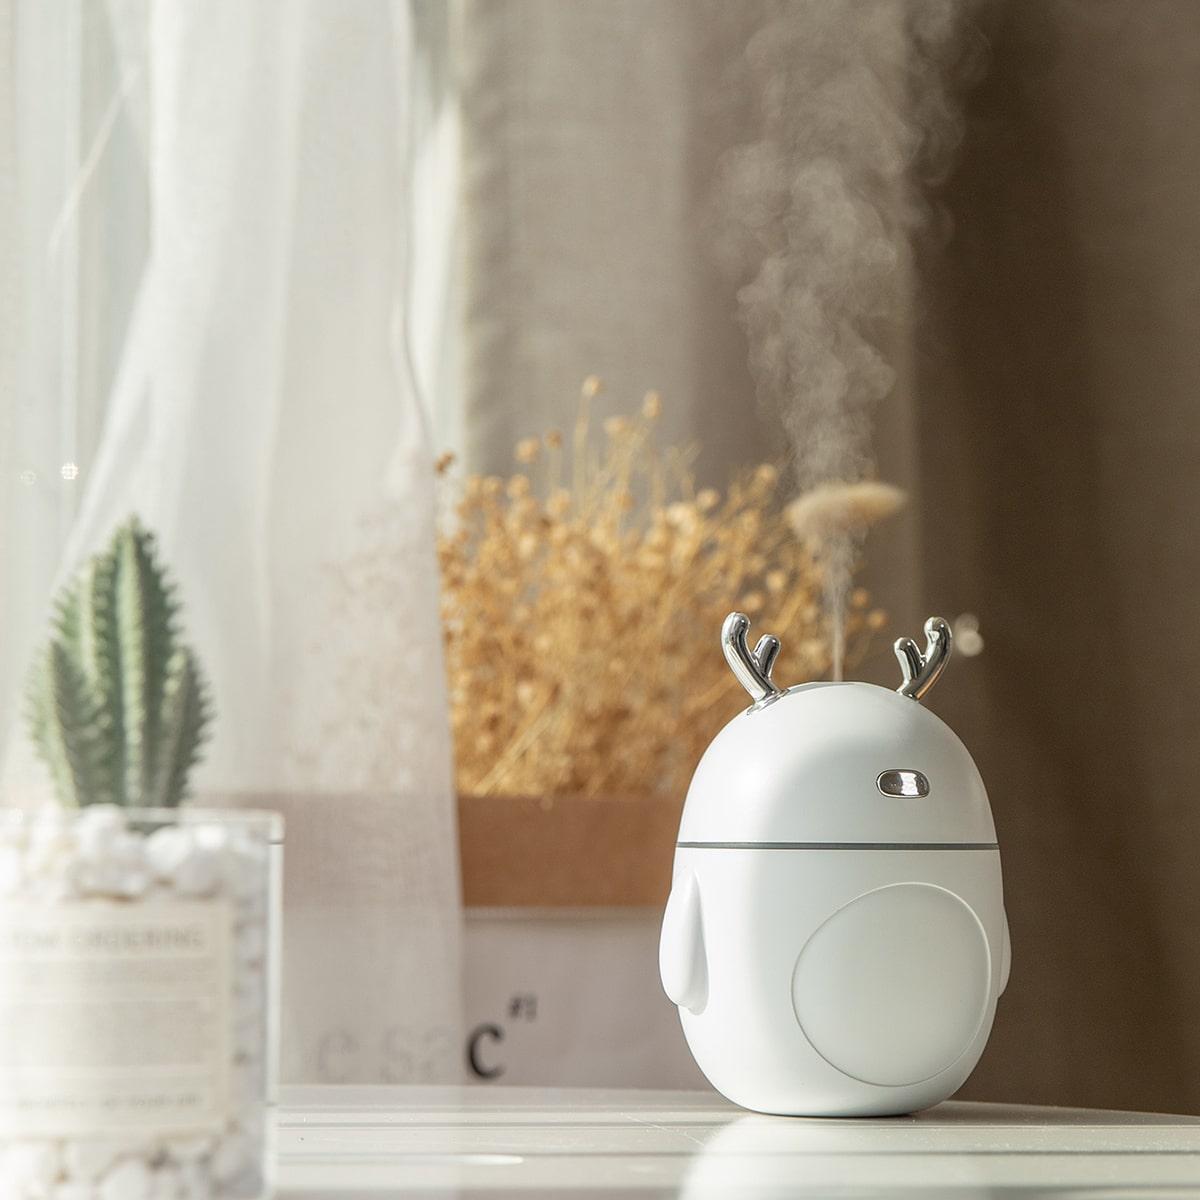 Gewei decoratie luchtbevochtiger met LED-licht